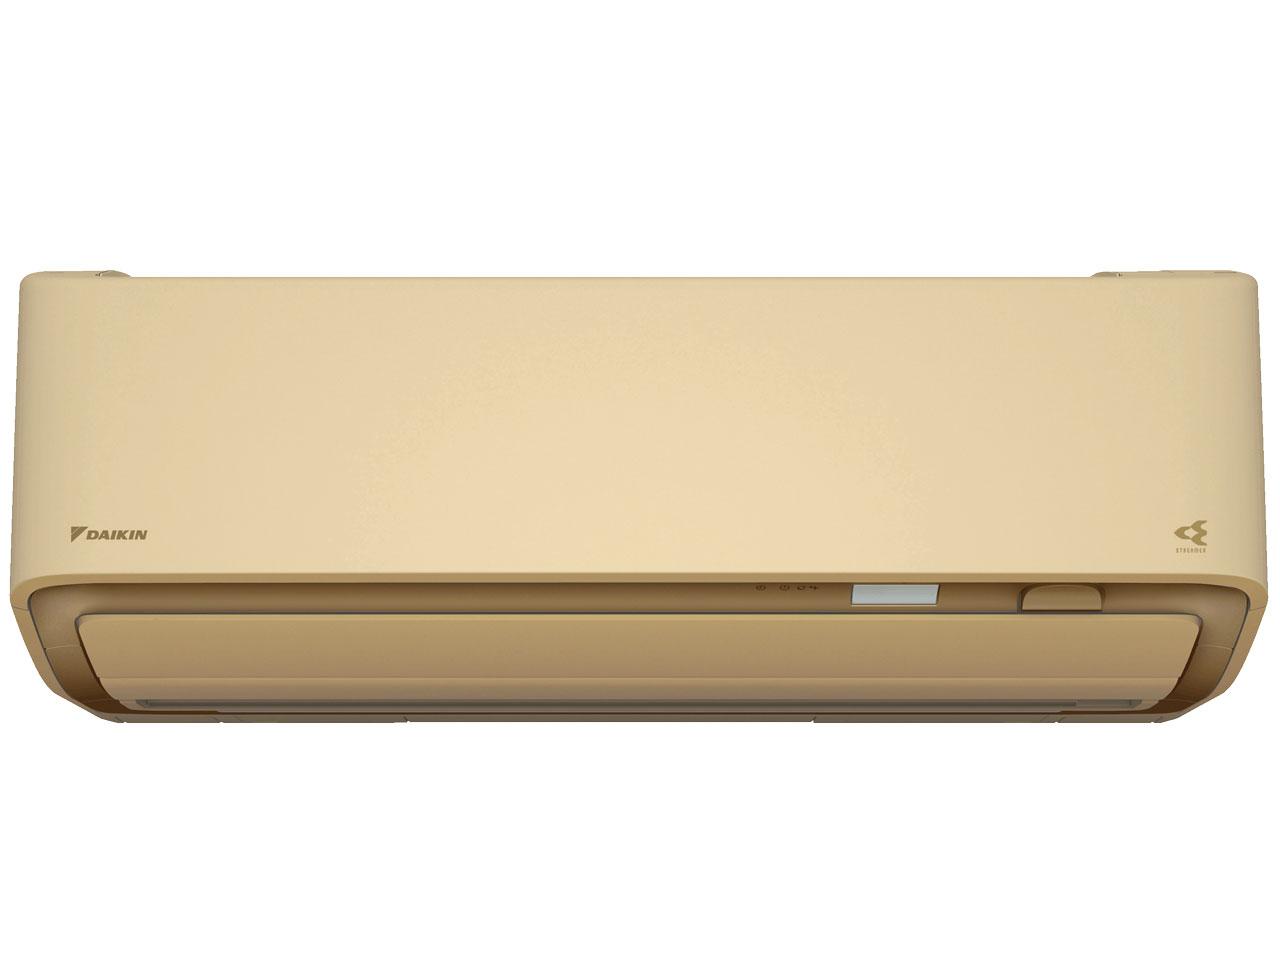 ダイキン 19年モデル AXシリーズ S80WTAXP-C 【200V用】26畳用冷暖房除湿エアコン